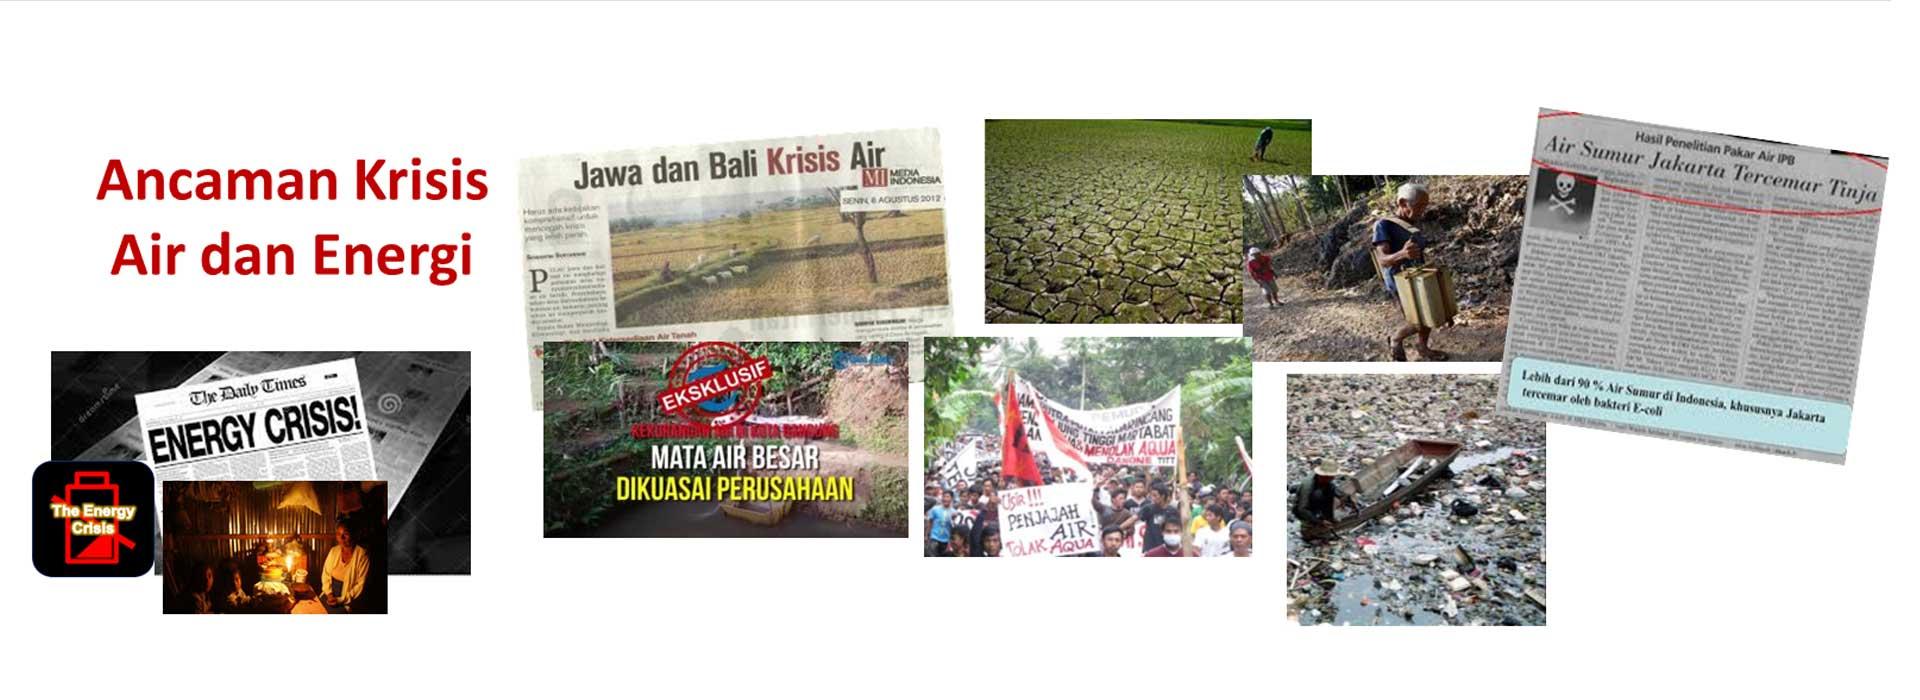 Krisis air dan energi di Indonesia